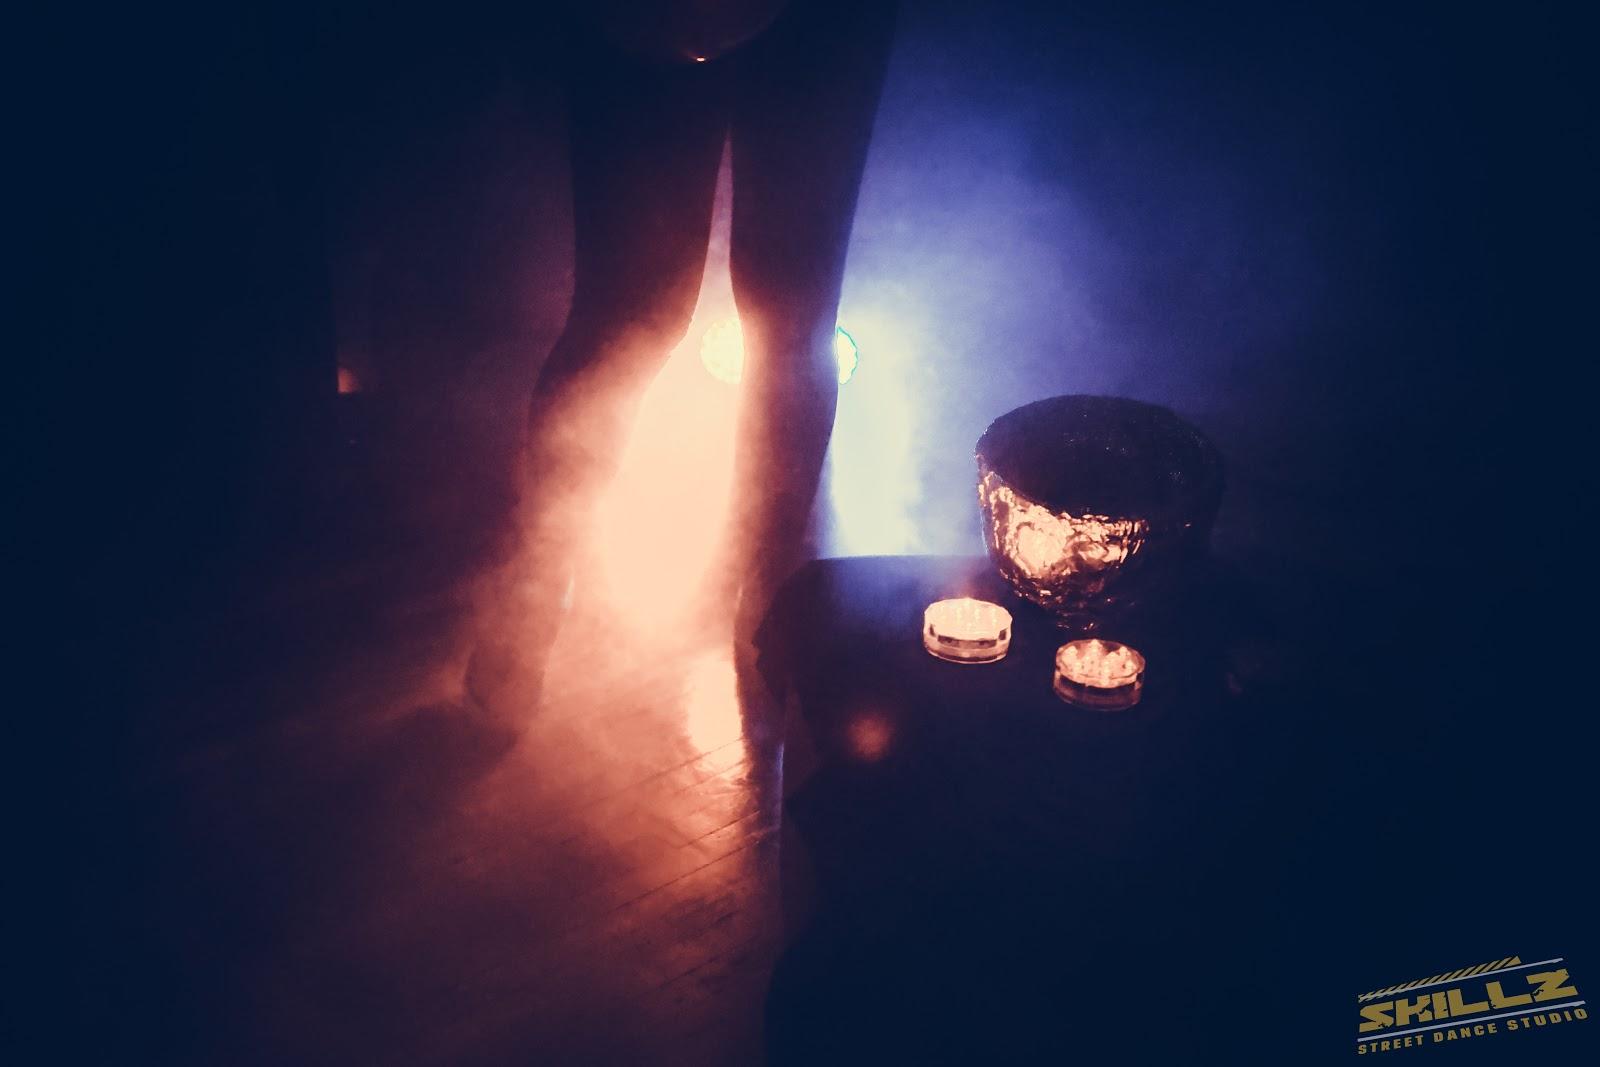 Naujikų krikštynos @SKILLZ (Halloween tema) - PANA1587.jpg